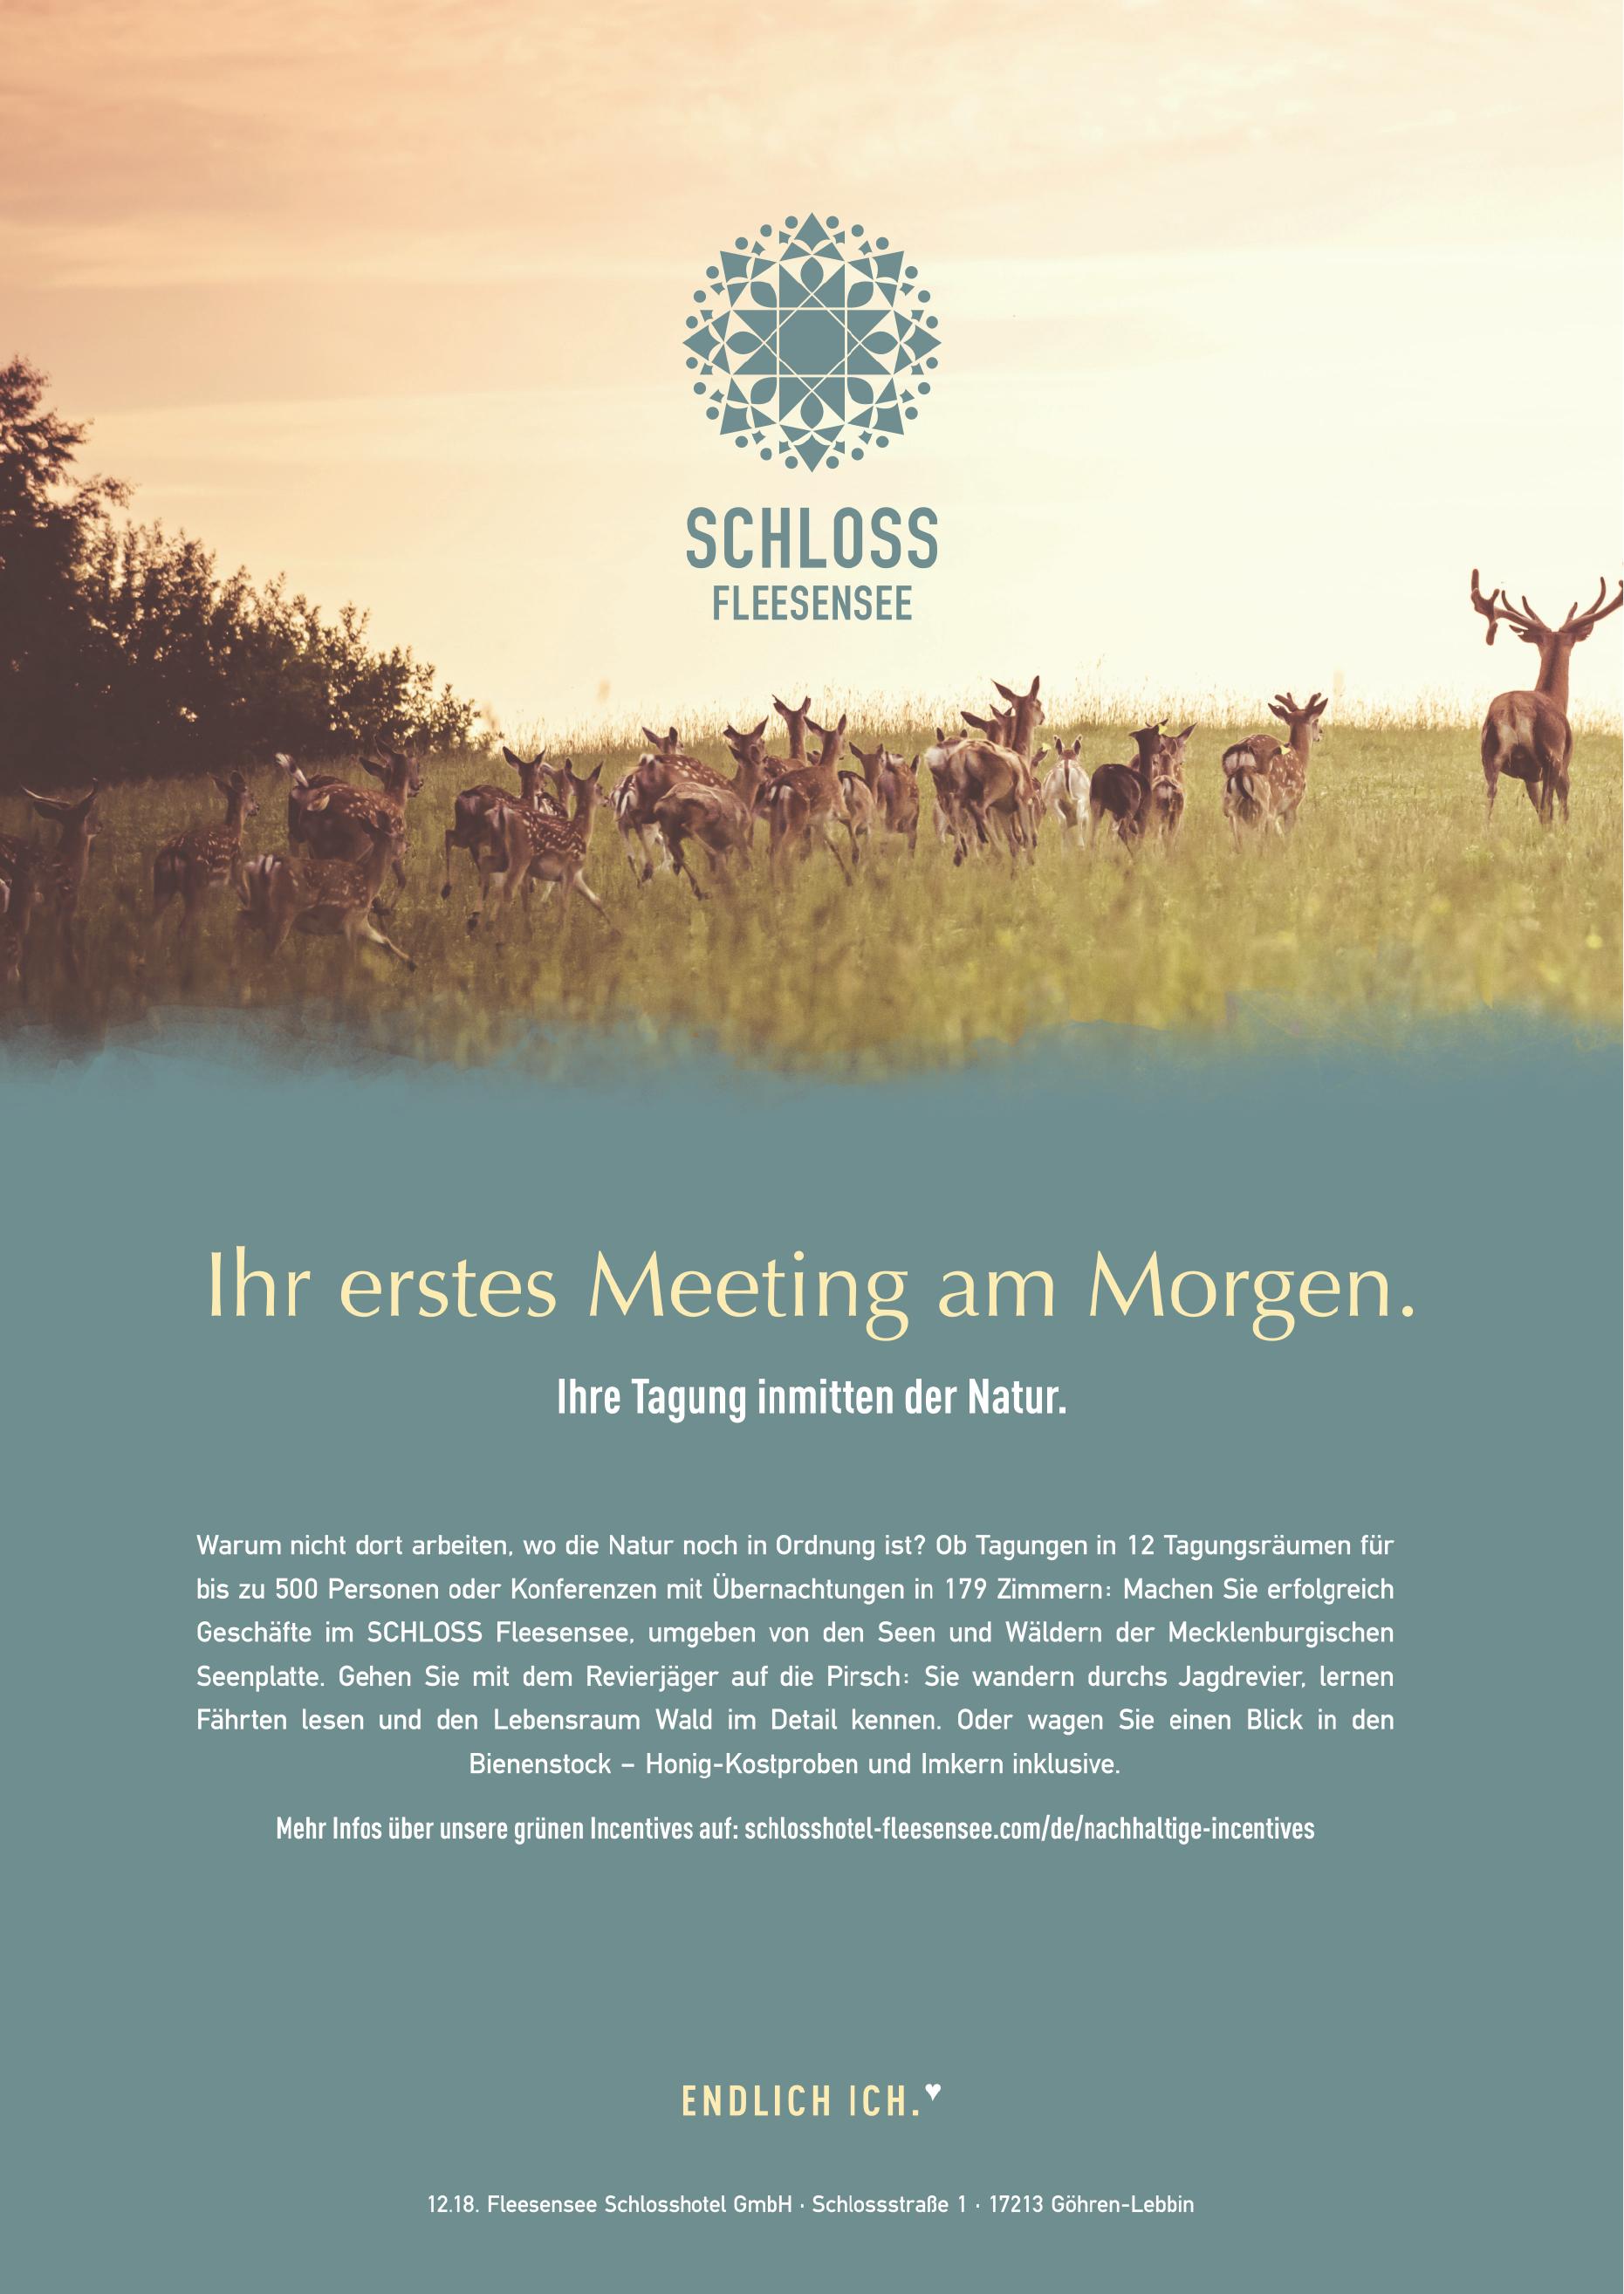 12.18. Fleesensee Schlosshotel GmbH